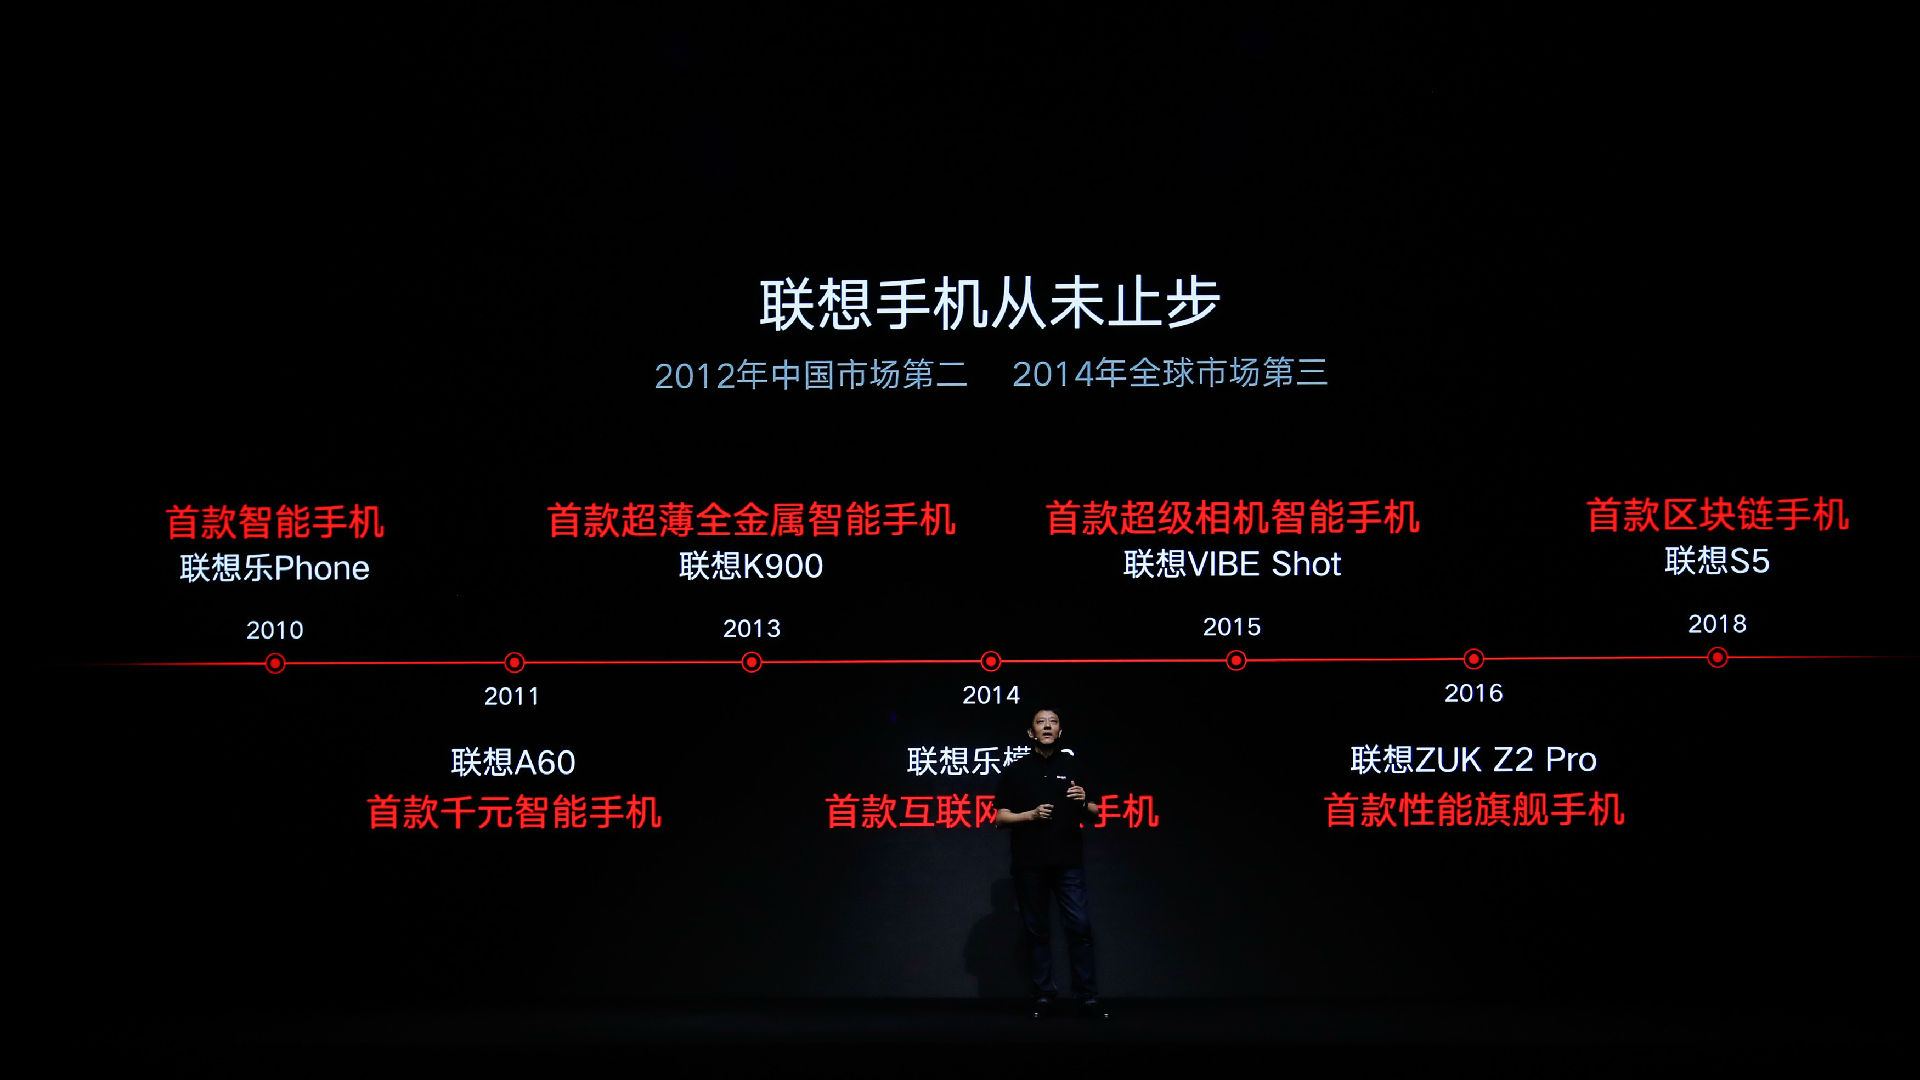 联想推三款新机重启手机品牌 团队将加入联想中国